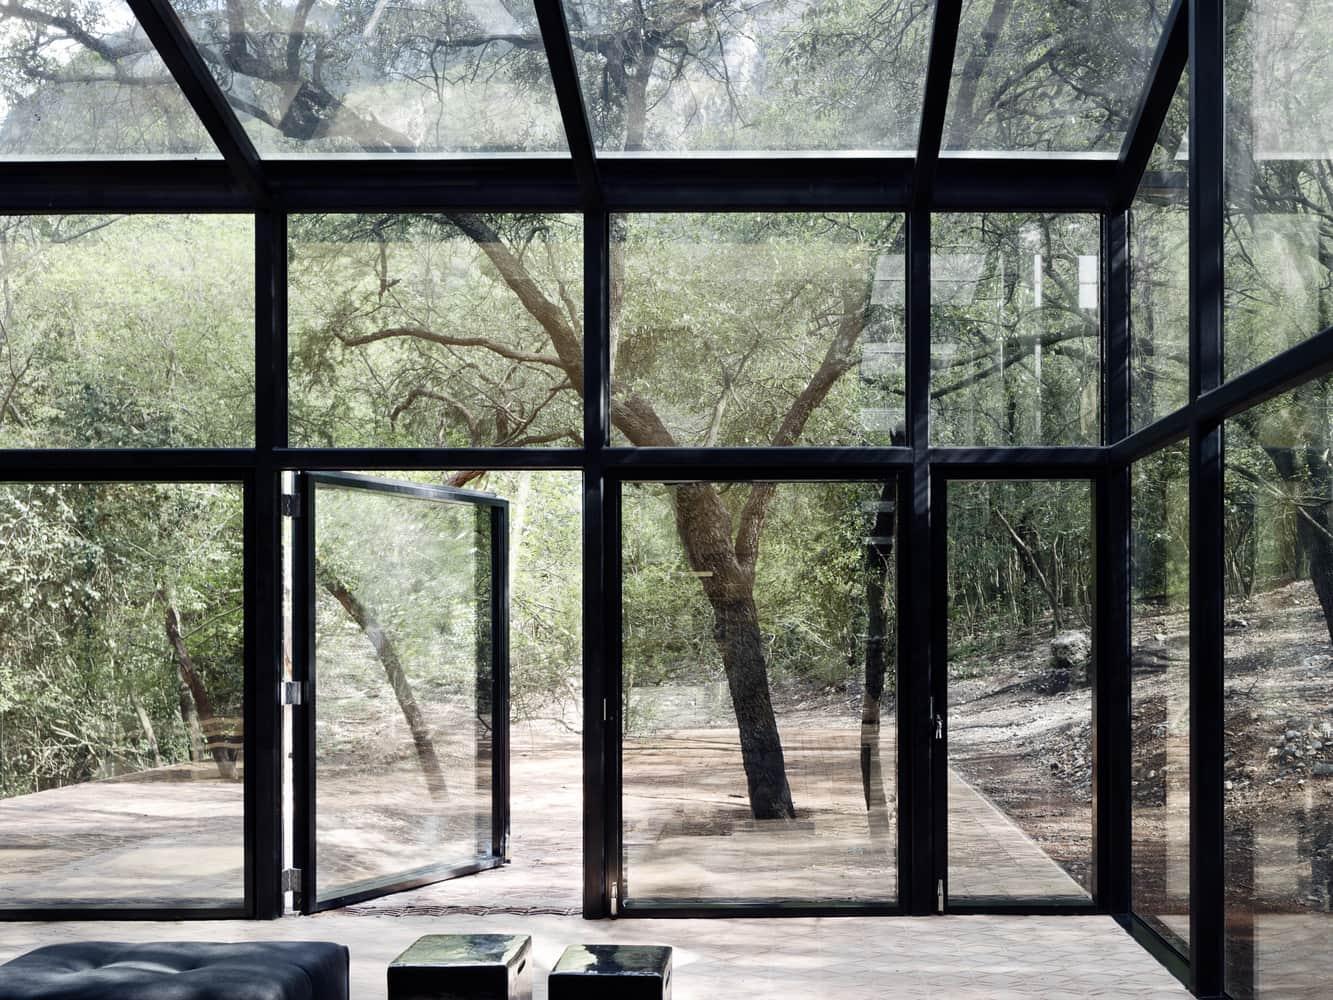 Diseño de interiores de casas minimalistas.